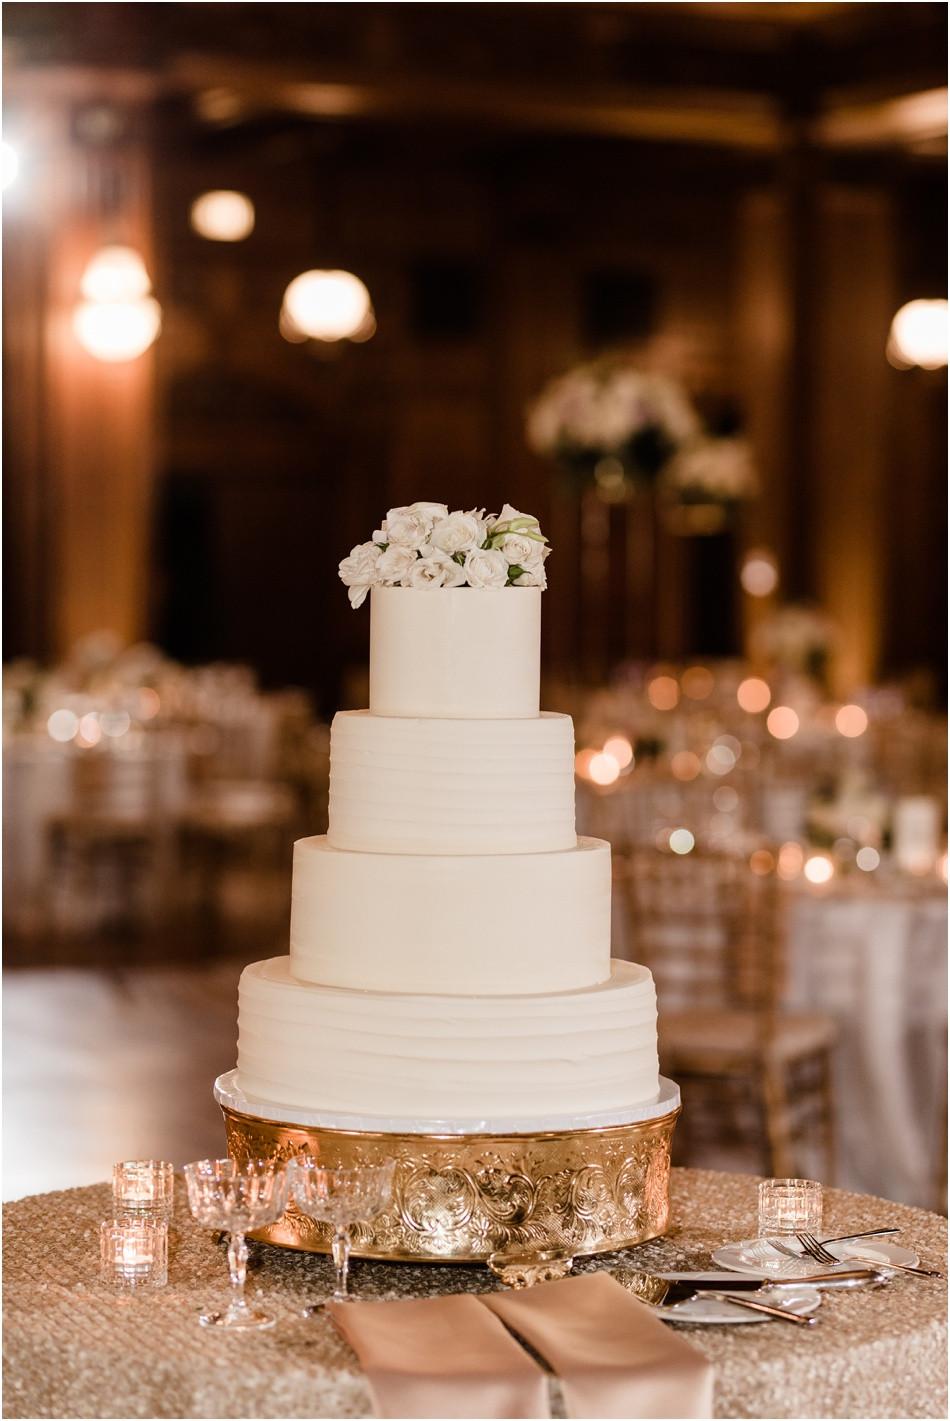 Indianapolis-wedding-cake